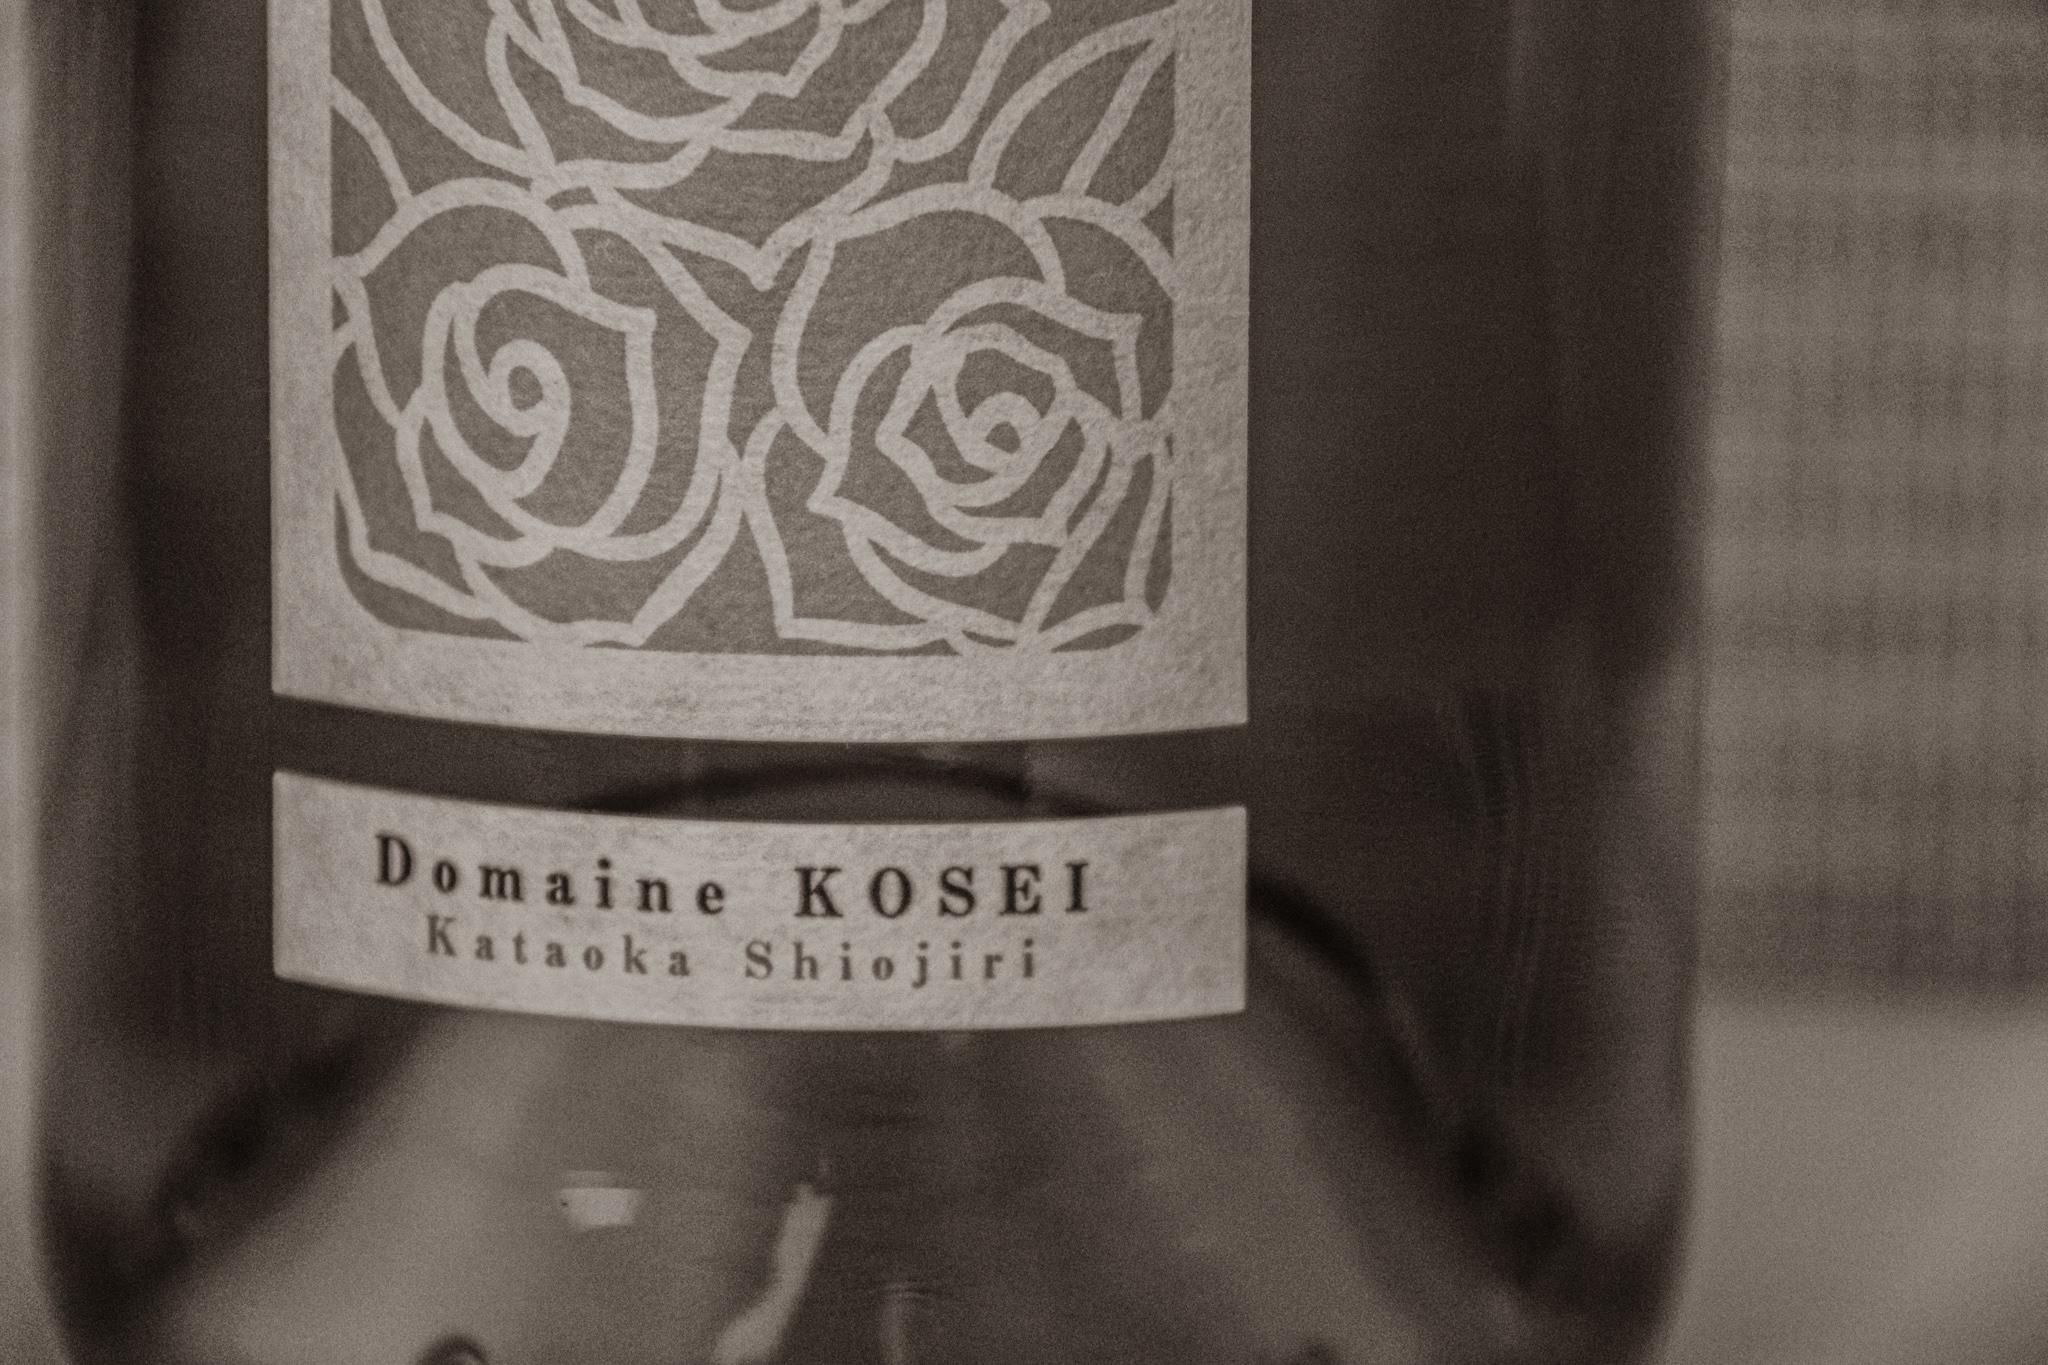 ドメーヌコーセイ メルロ ワイン